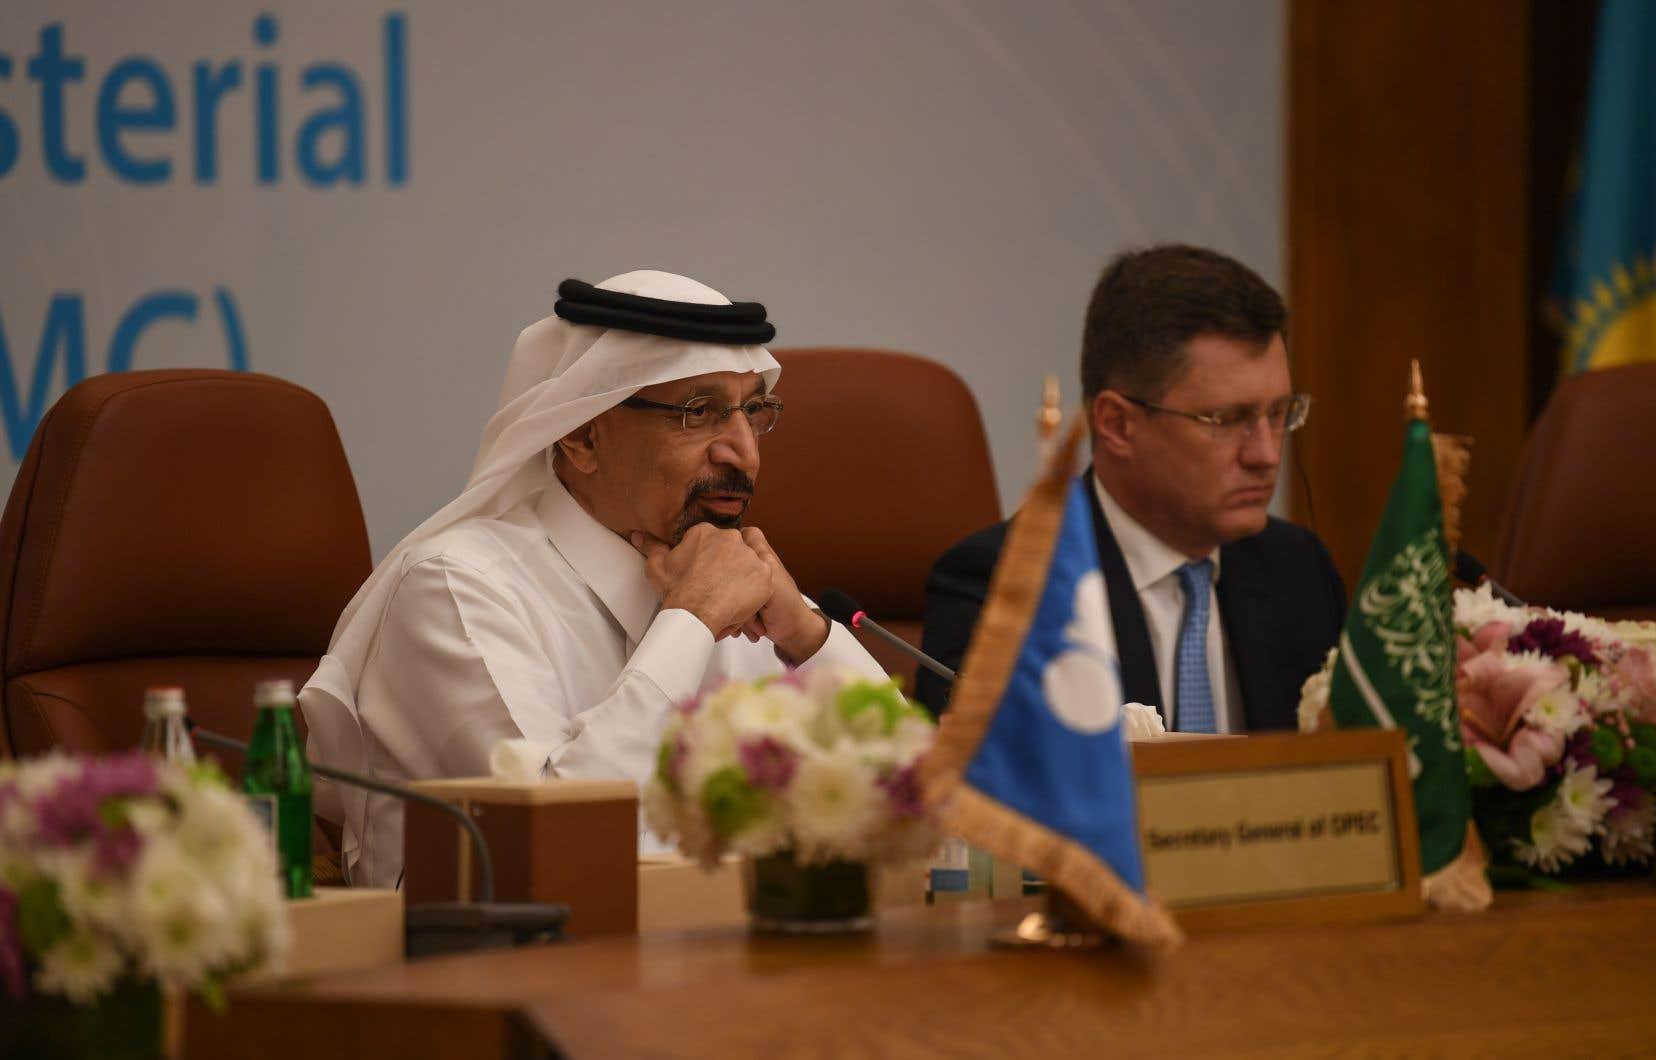 Le ministre de l'Énergie saoudien Khaled al-Faleh etle ministre russe de l'Énergie Alexander Novak.